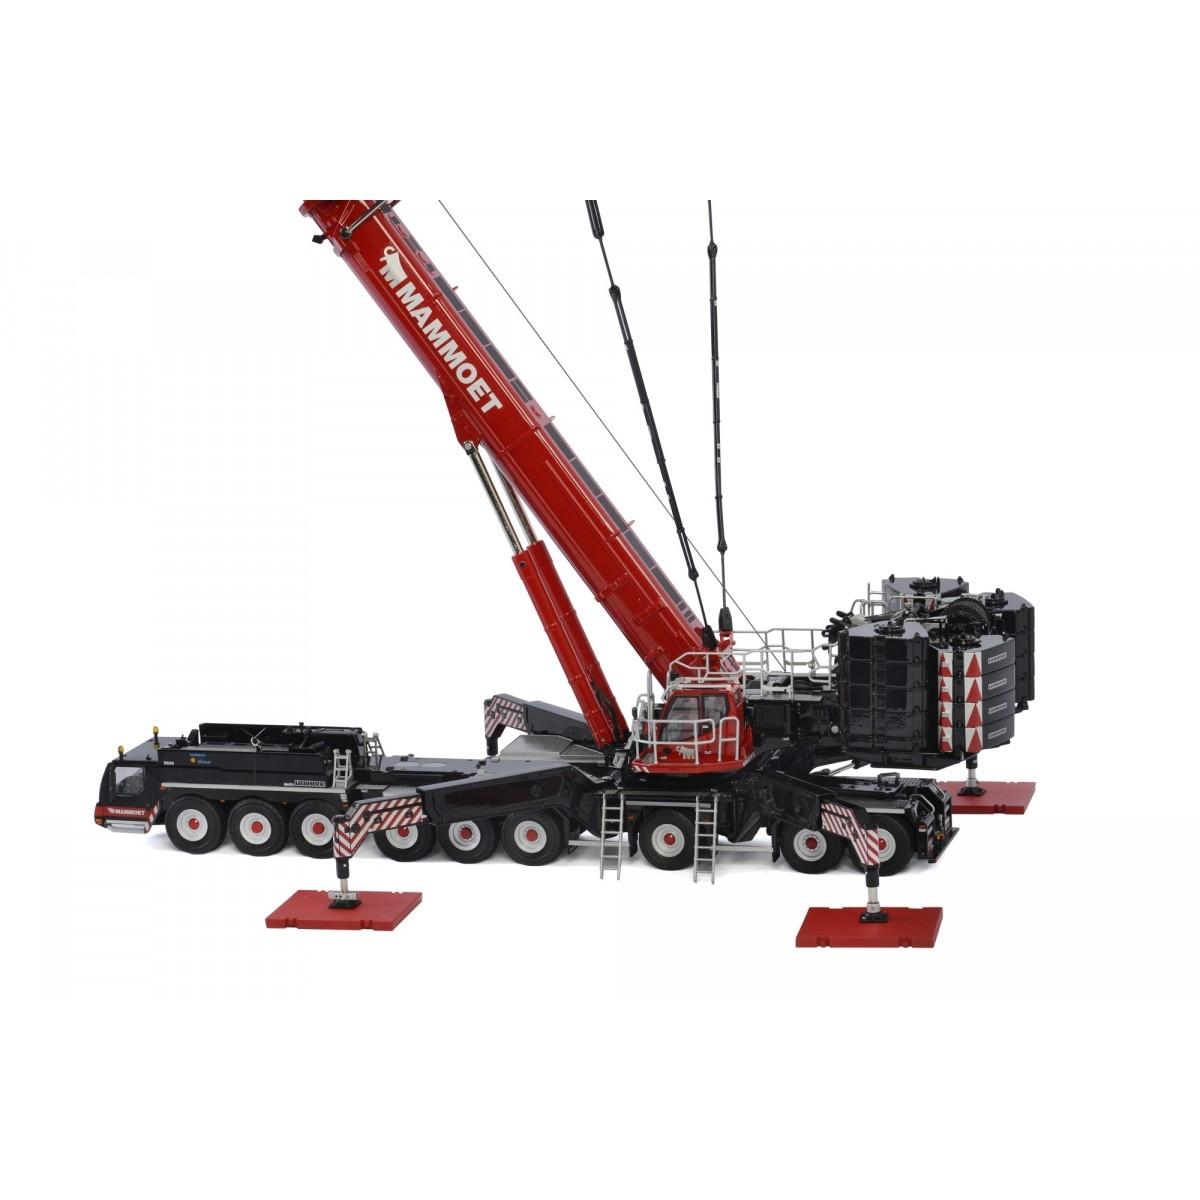 Liebherr LTM 1750 9.1 Mammoet Mobile Kran